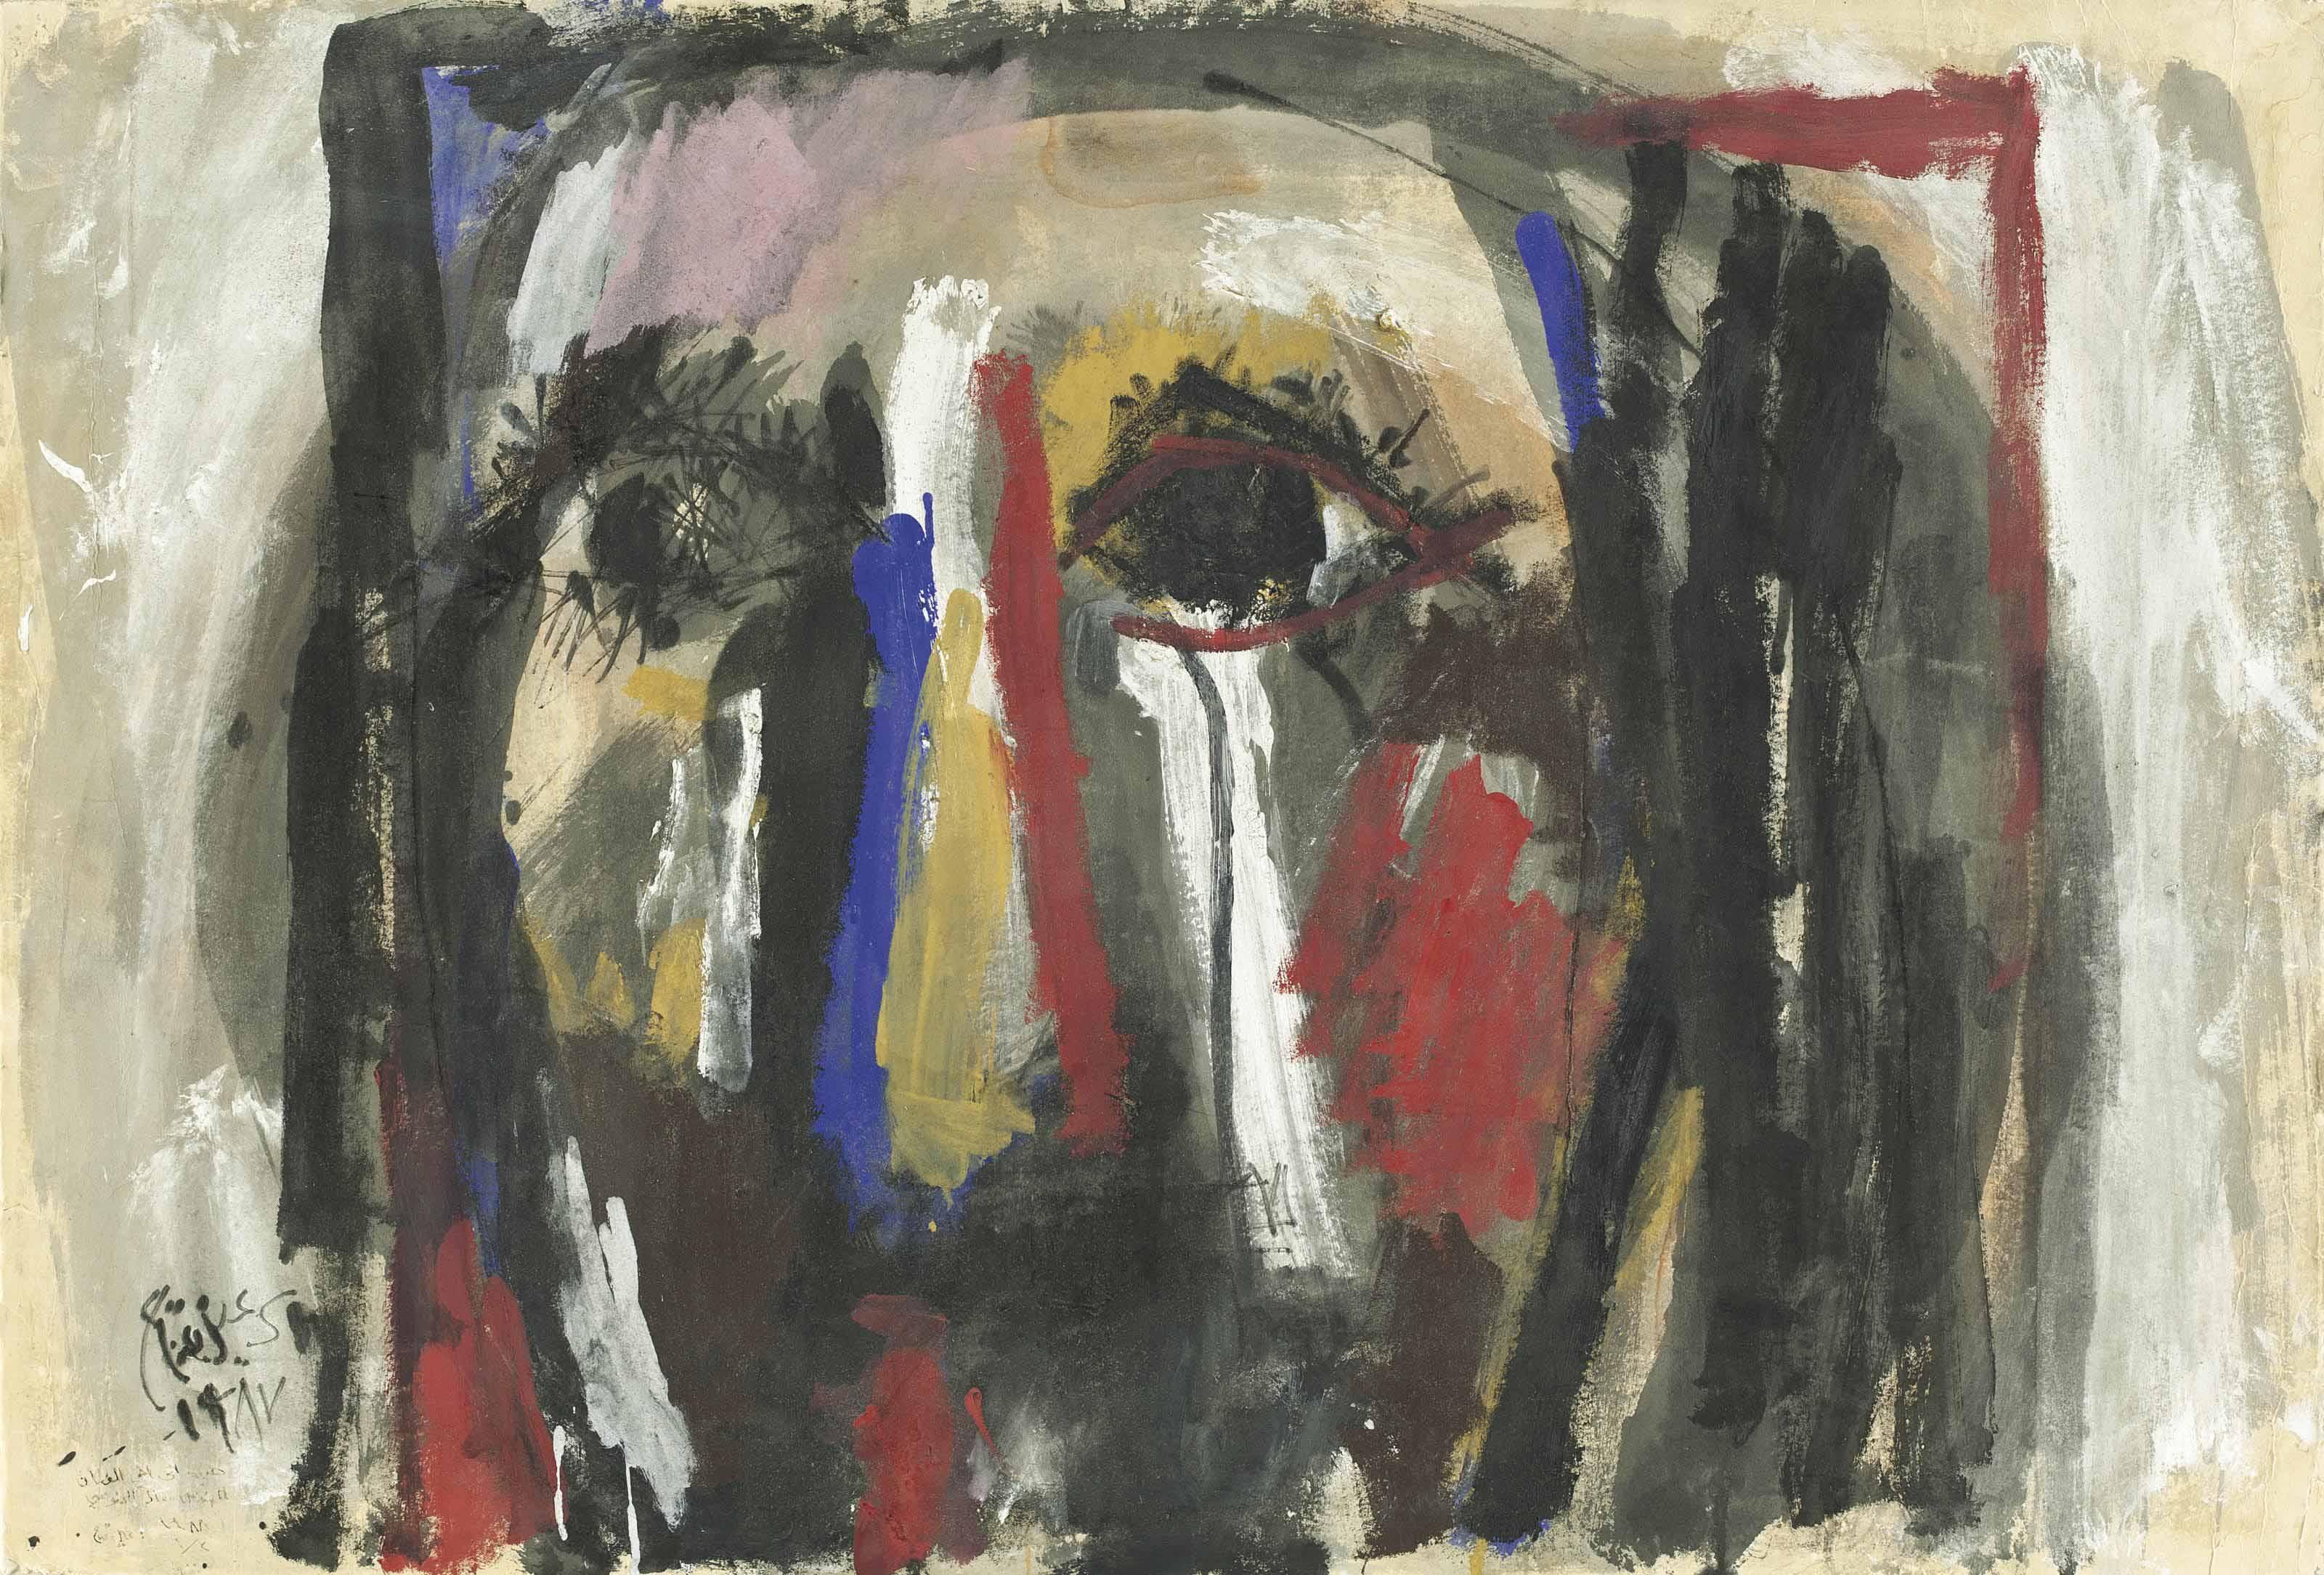 Ismail Fattah (Iraqi, 1934-2004)